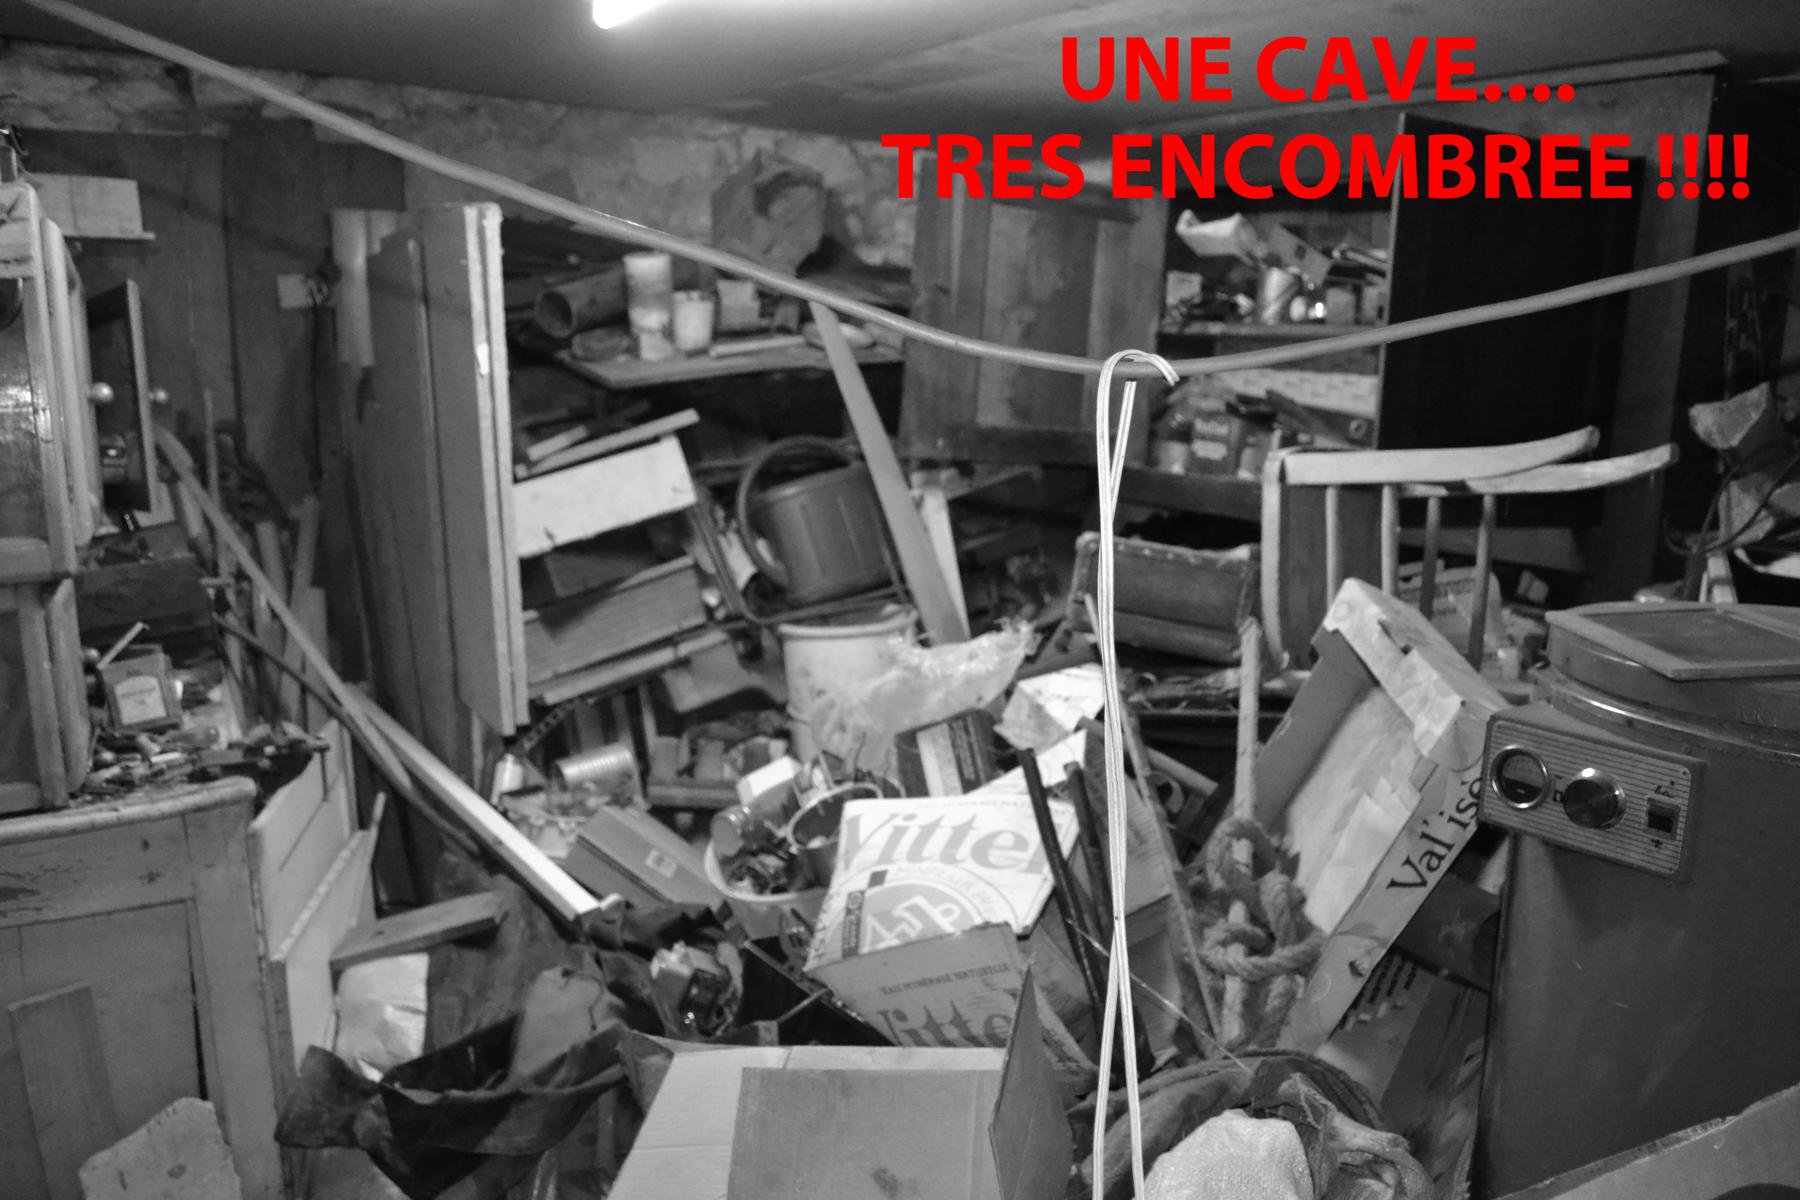 Cette accumulation de choses diverses a fixé l'humidité et dégrade cette cave.......